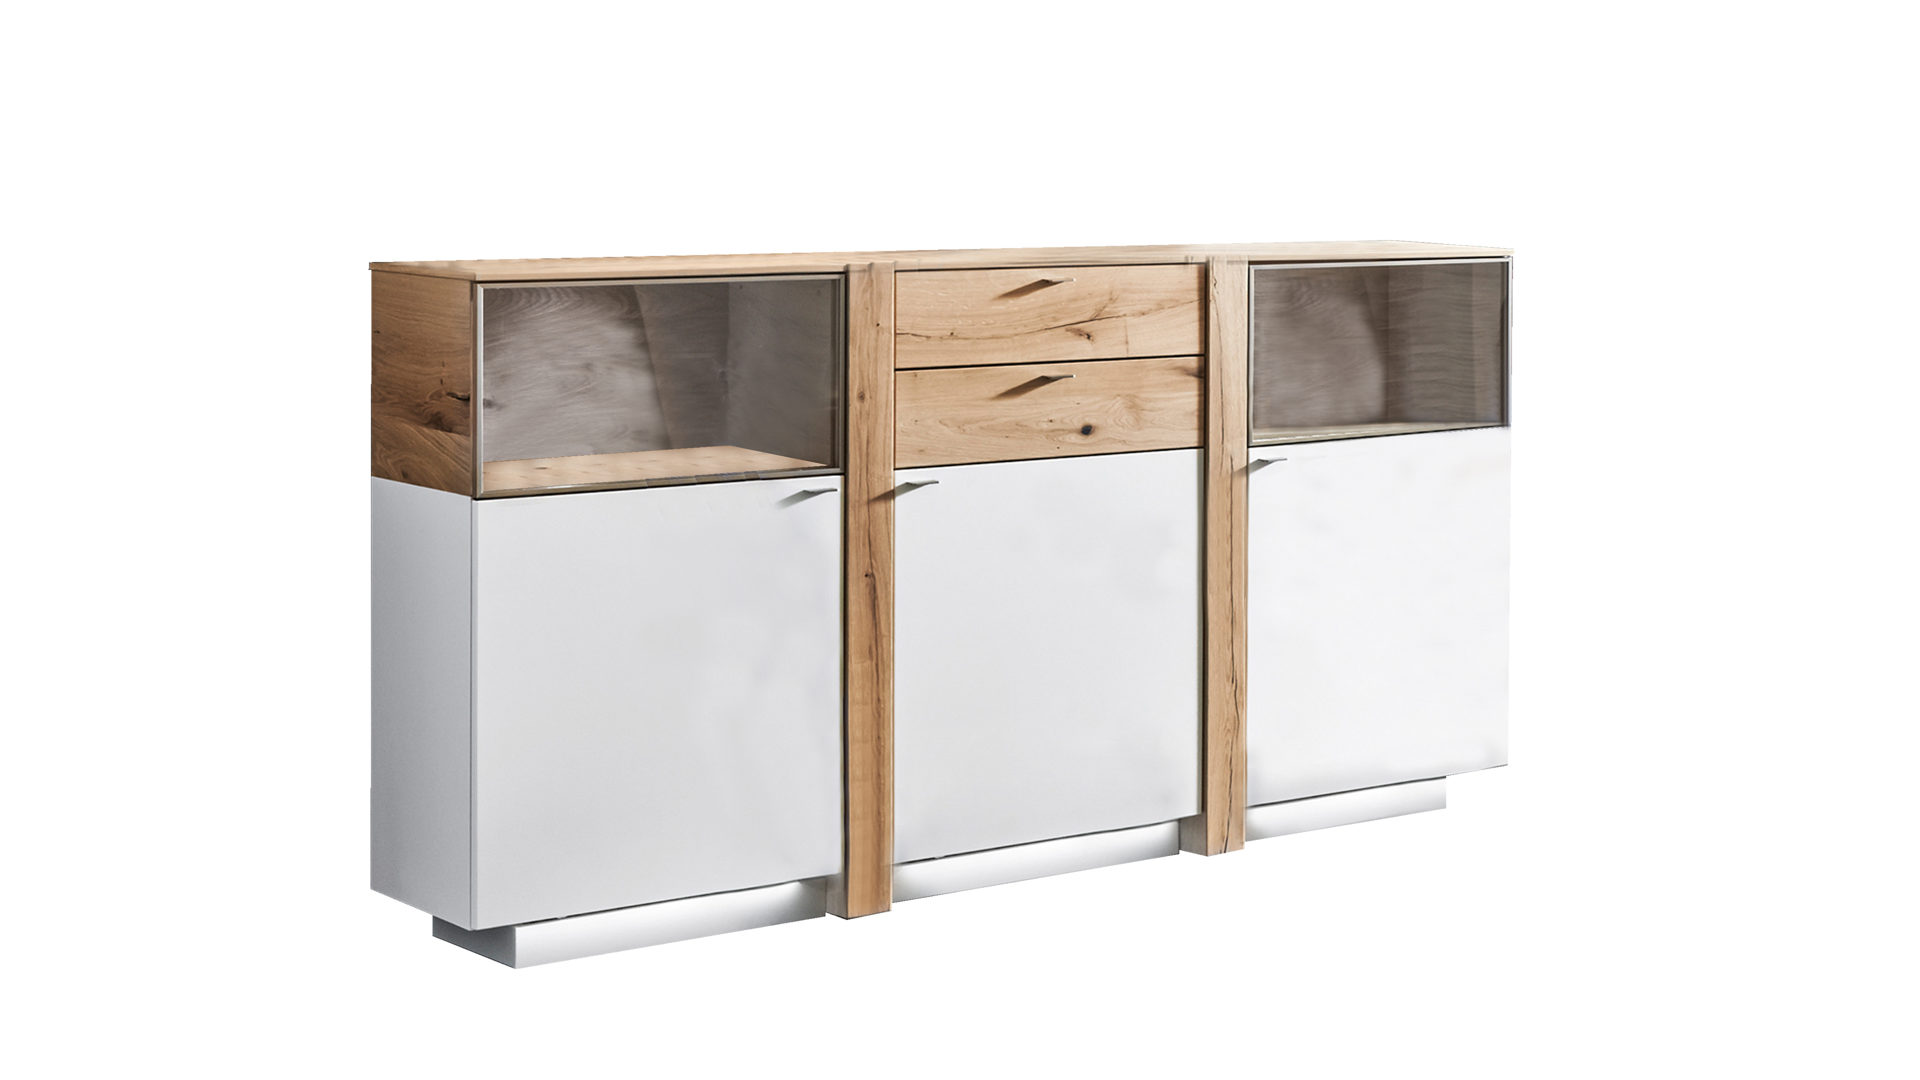 Sideboard Albero Als Wohnzimmermobel Mattweisse Lackoberflachen